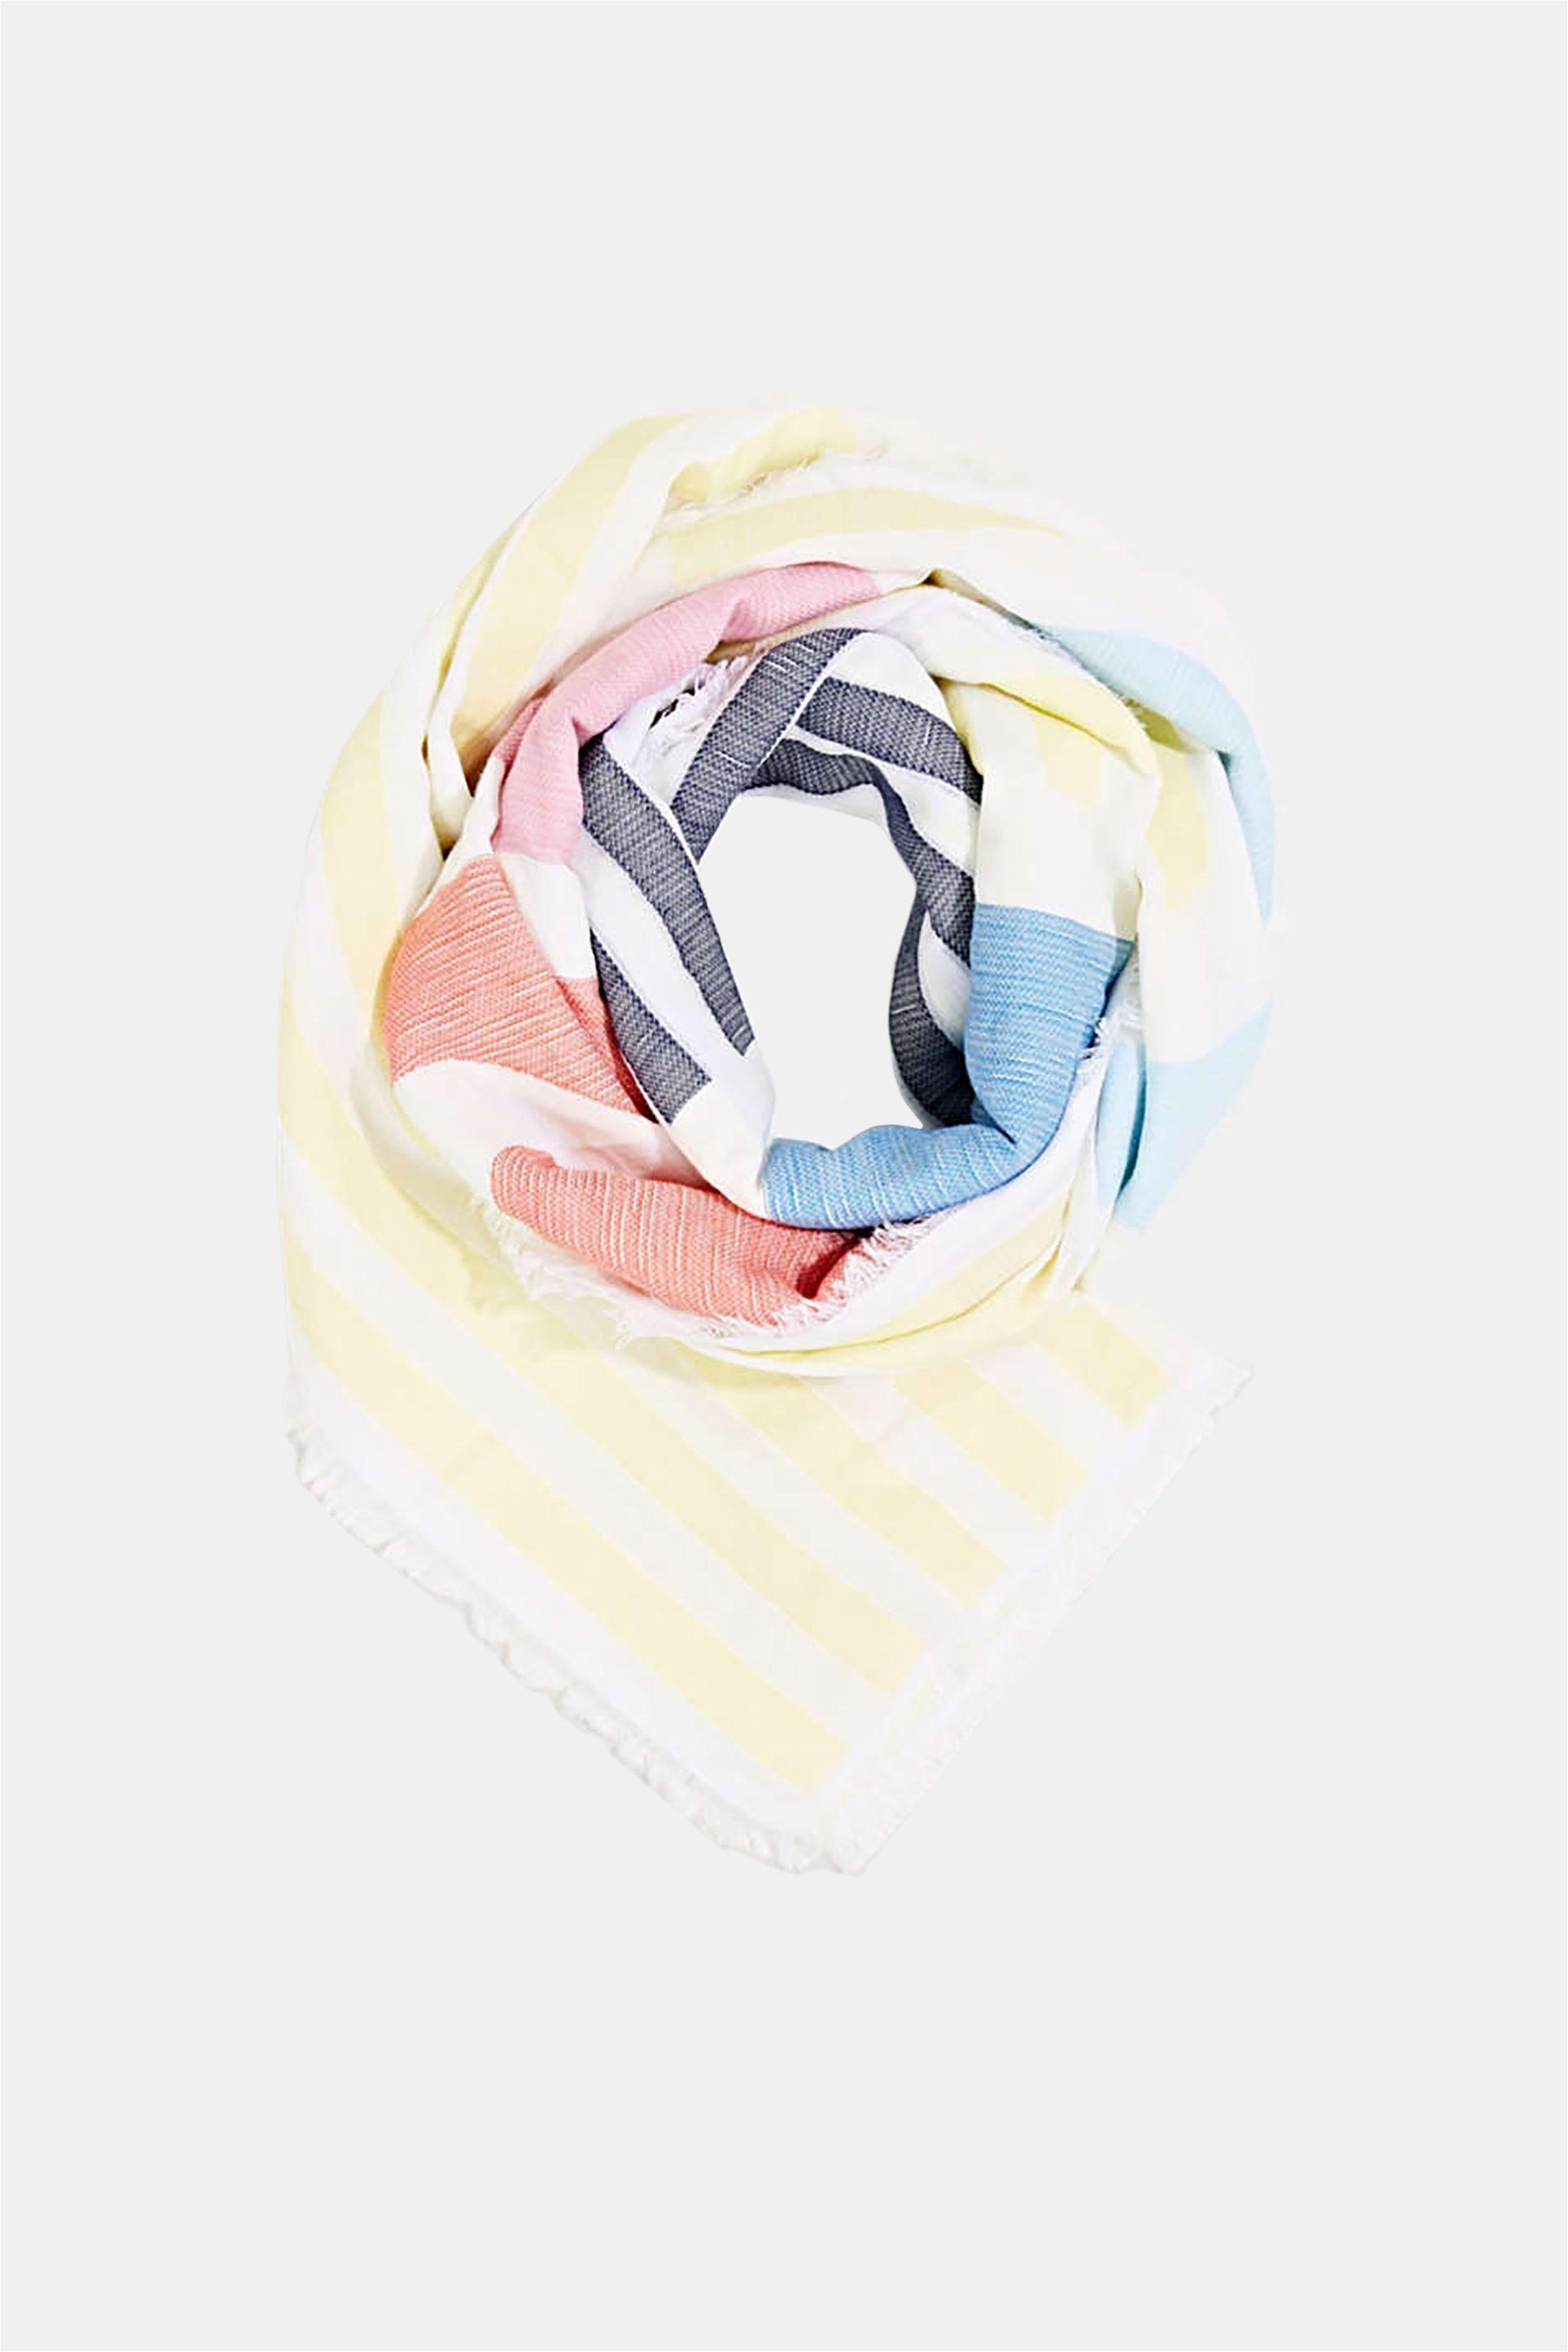 Esprit γυναικείο ριγέ φουλάρι - 050EA1Q305 - Κίτρινο